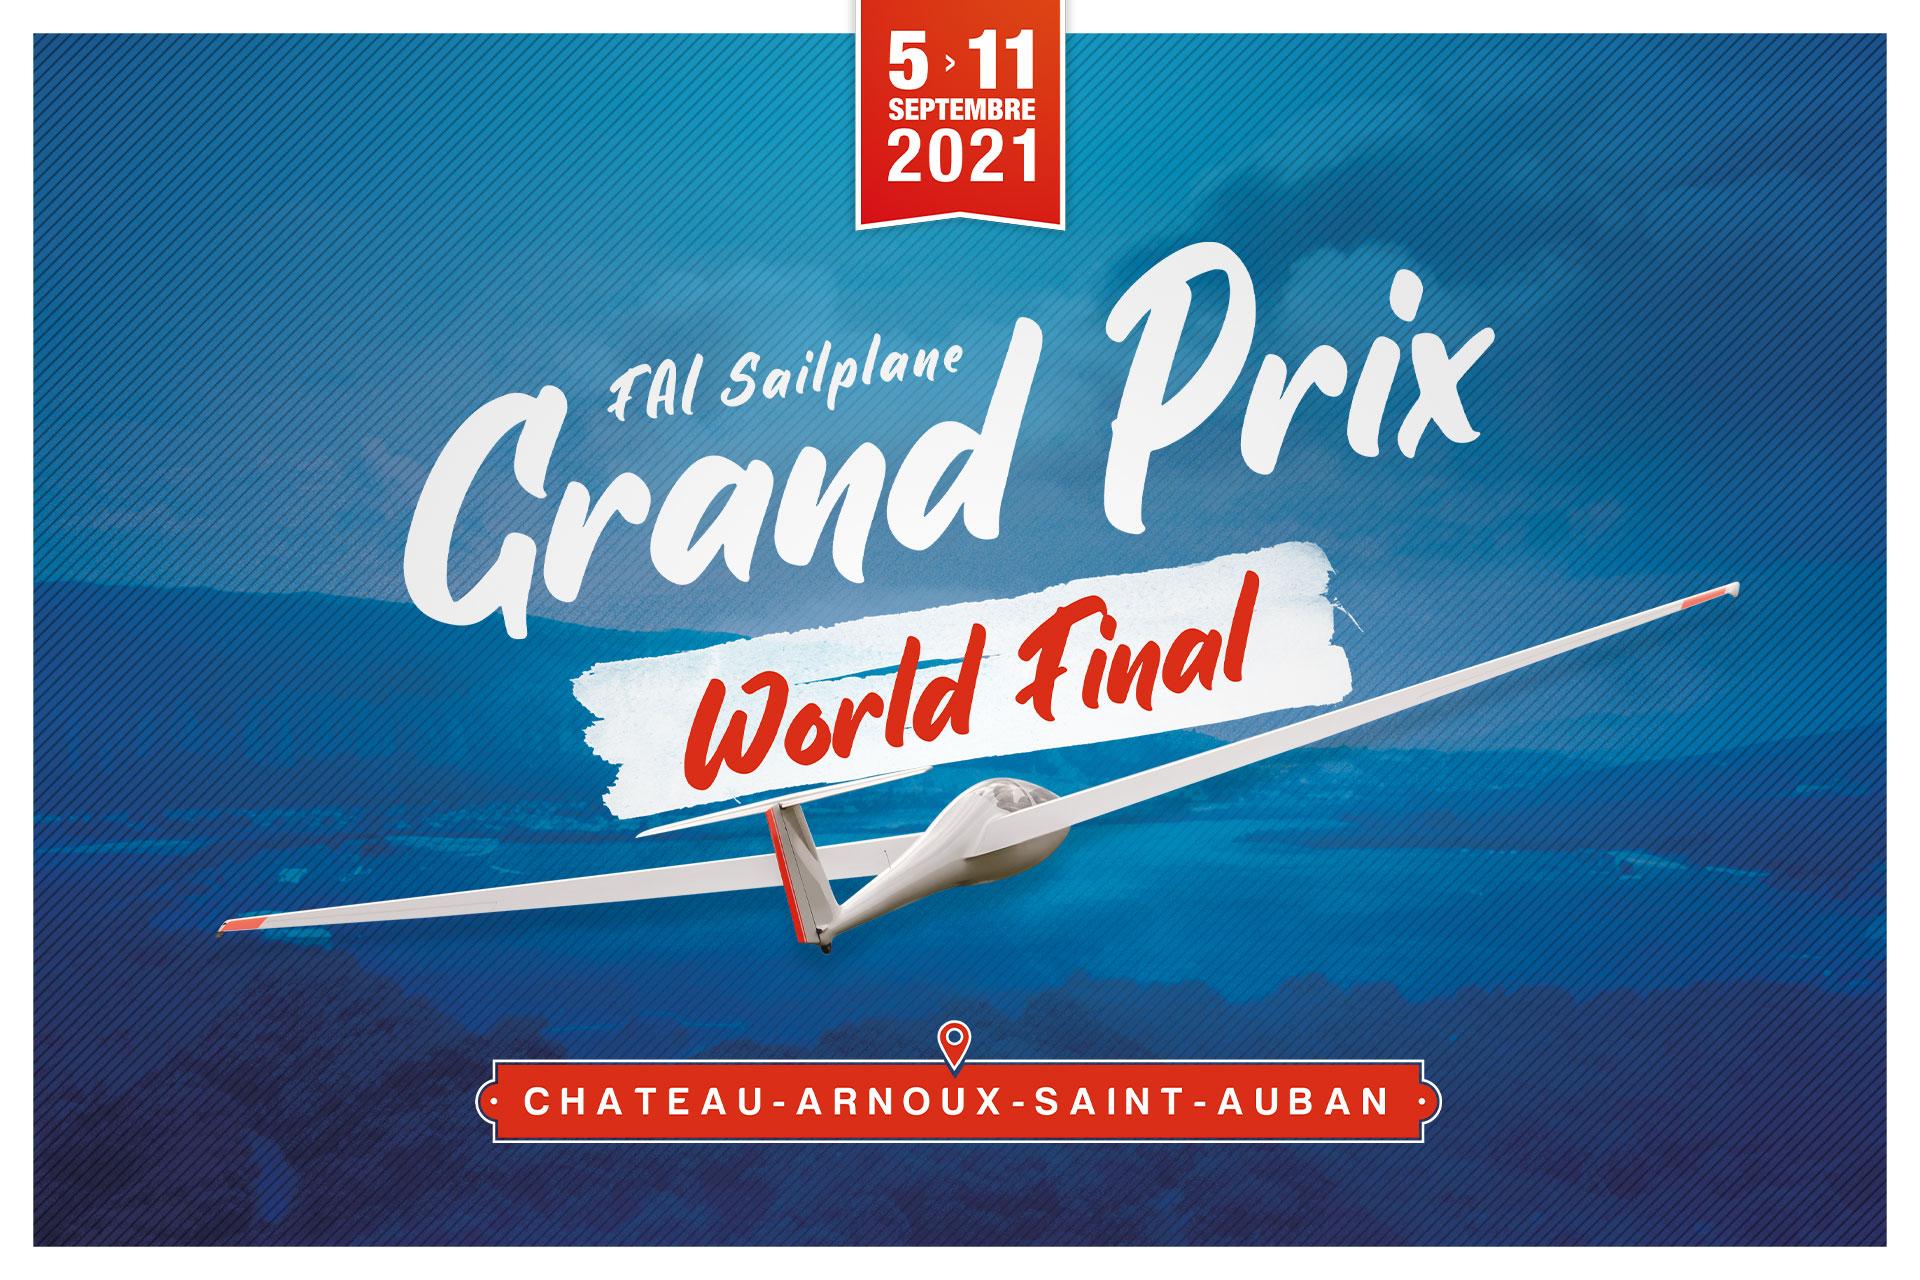 10ème Finale du FAI Sailplane Grand Prix